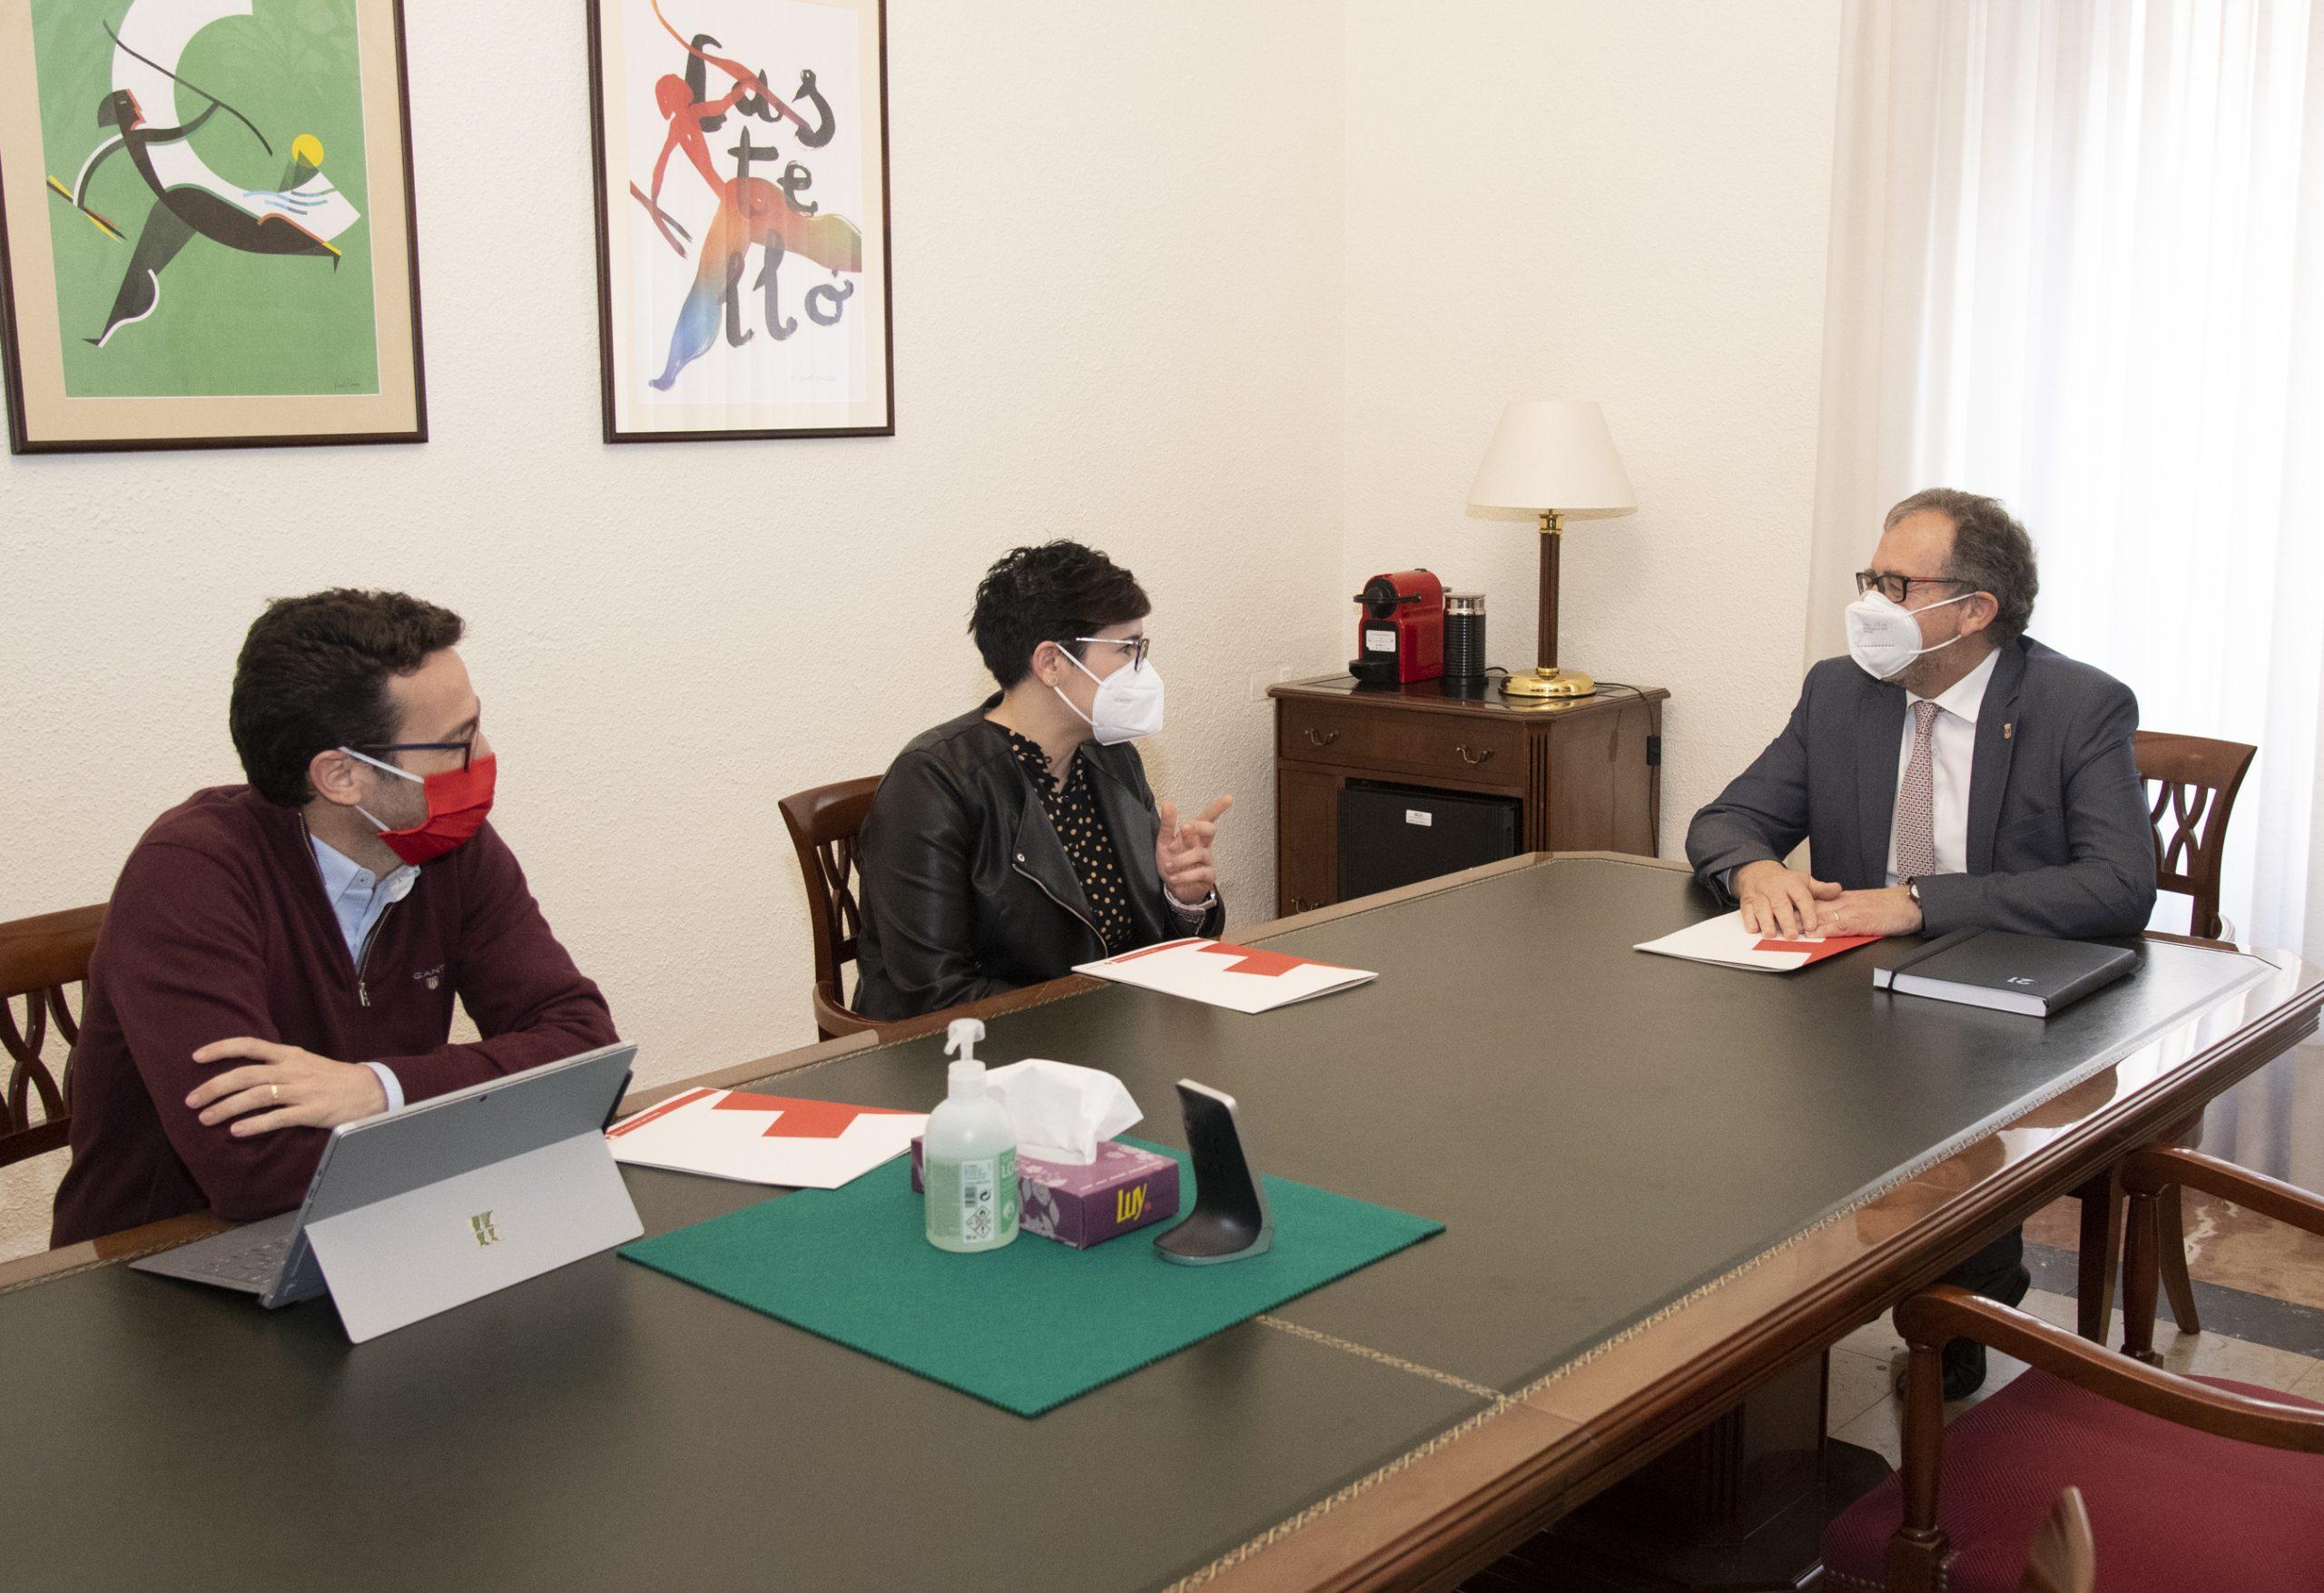 La Diputación y Cruz Roja estudian la firma de un convenio para superar posibles restricciones administrativas en futuras situaciones de emergencia o catástrofe